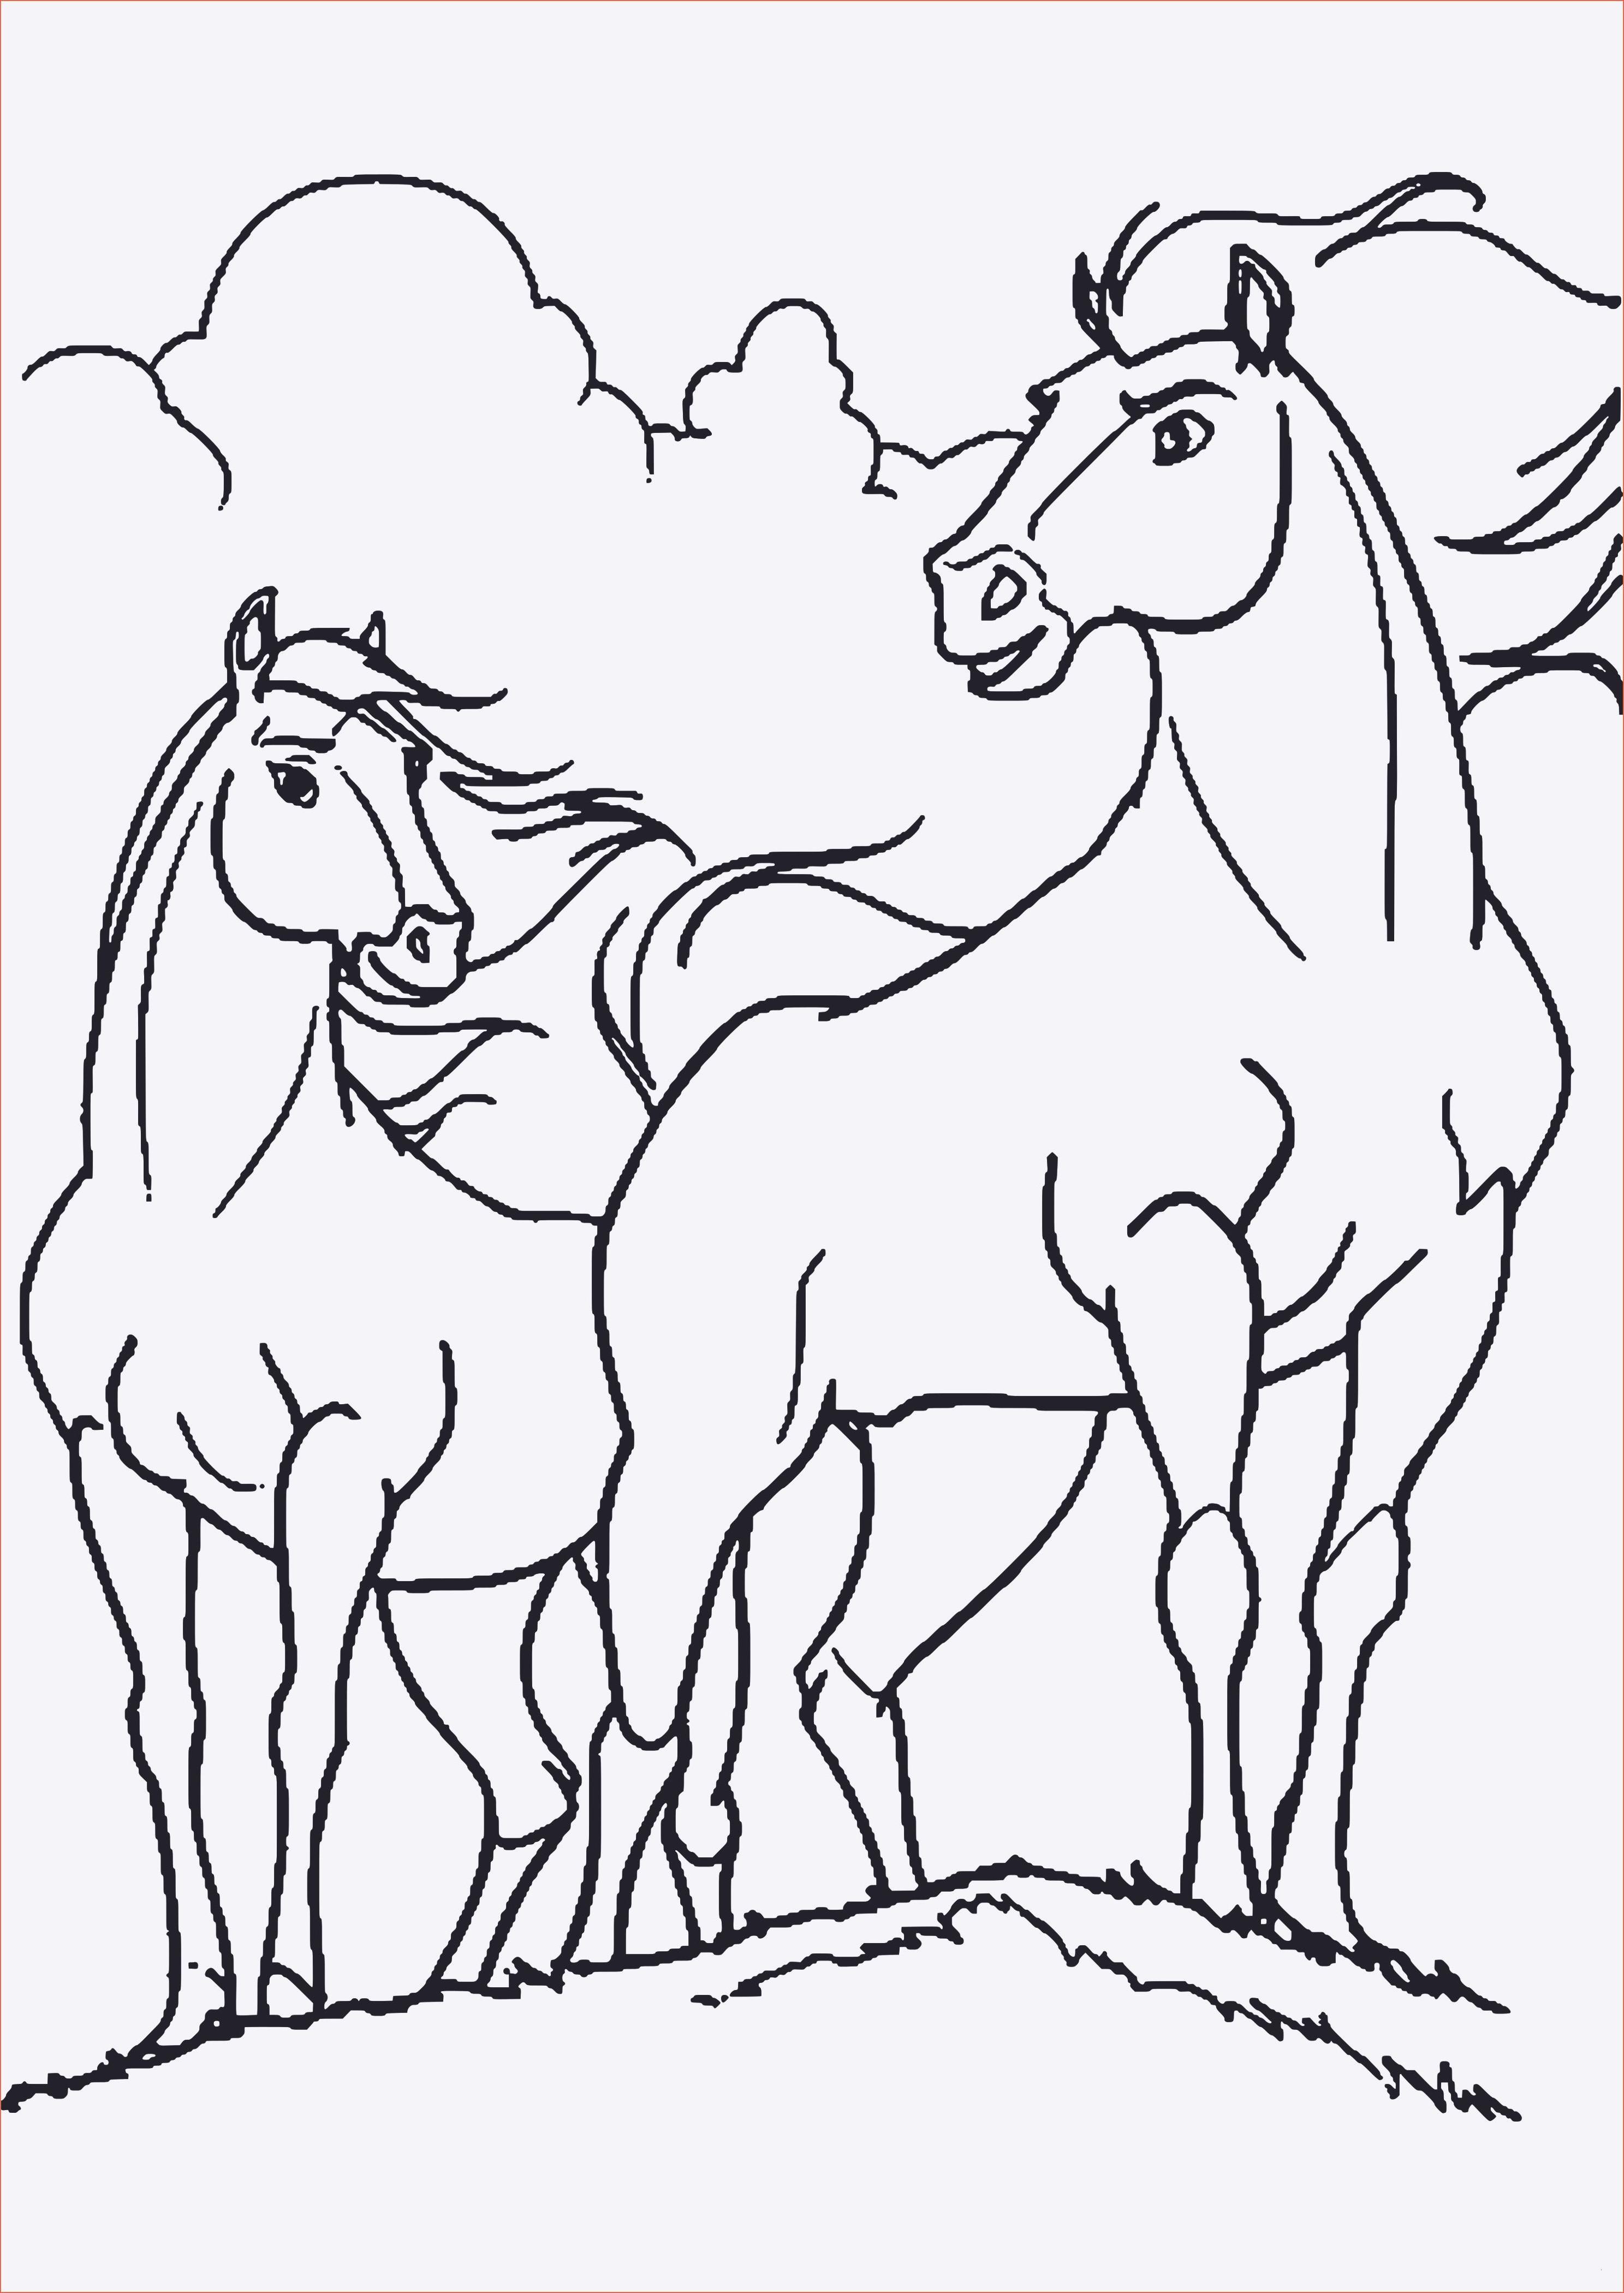 Ausmalbilder Filly Pferde Das Beste Von 45 Frisch Ausmalbilder Wickie – Große Coloring Page Sammlung Das Bild